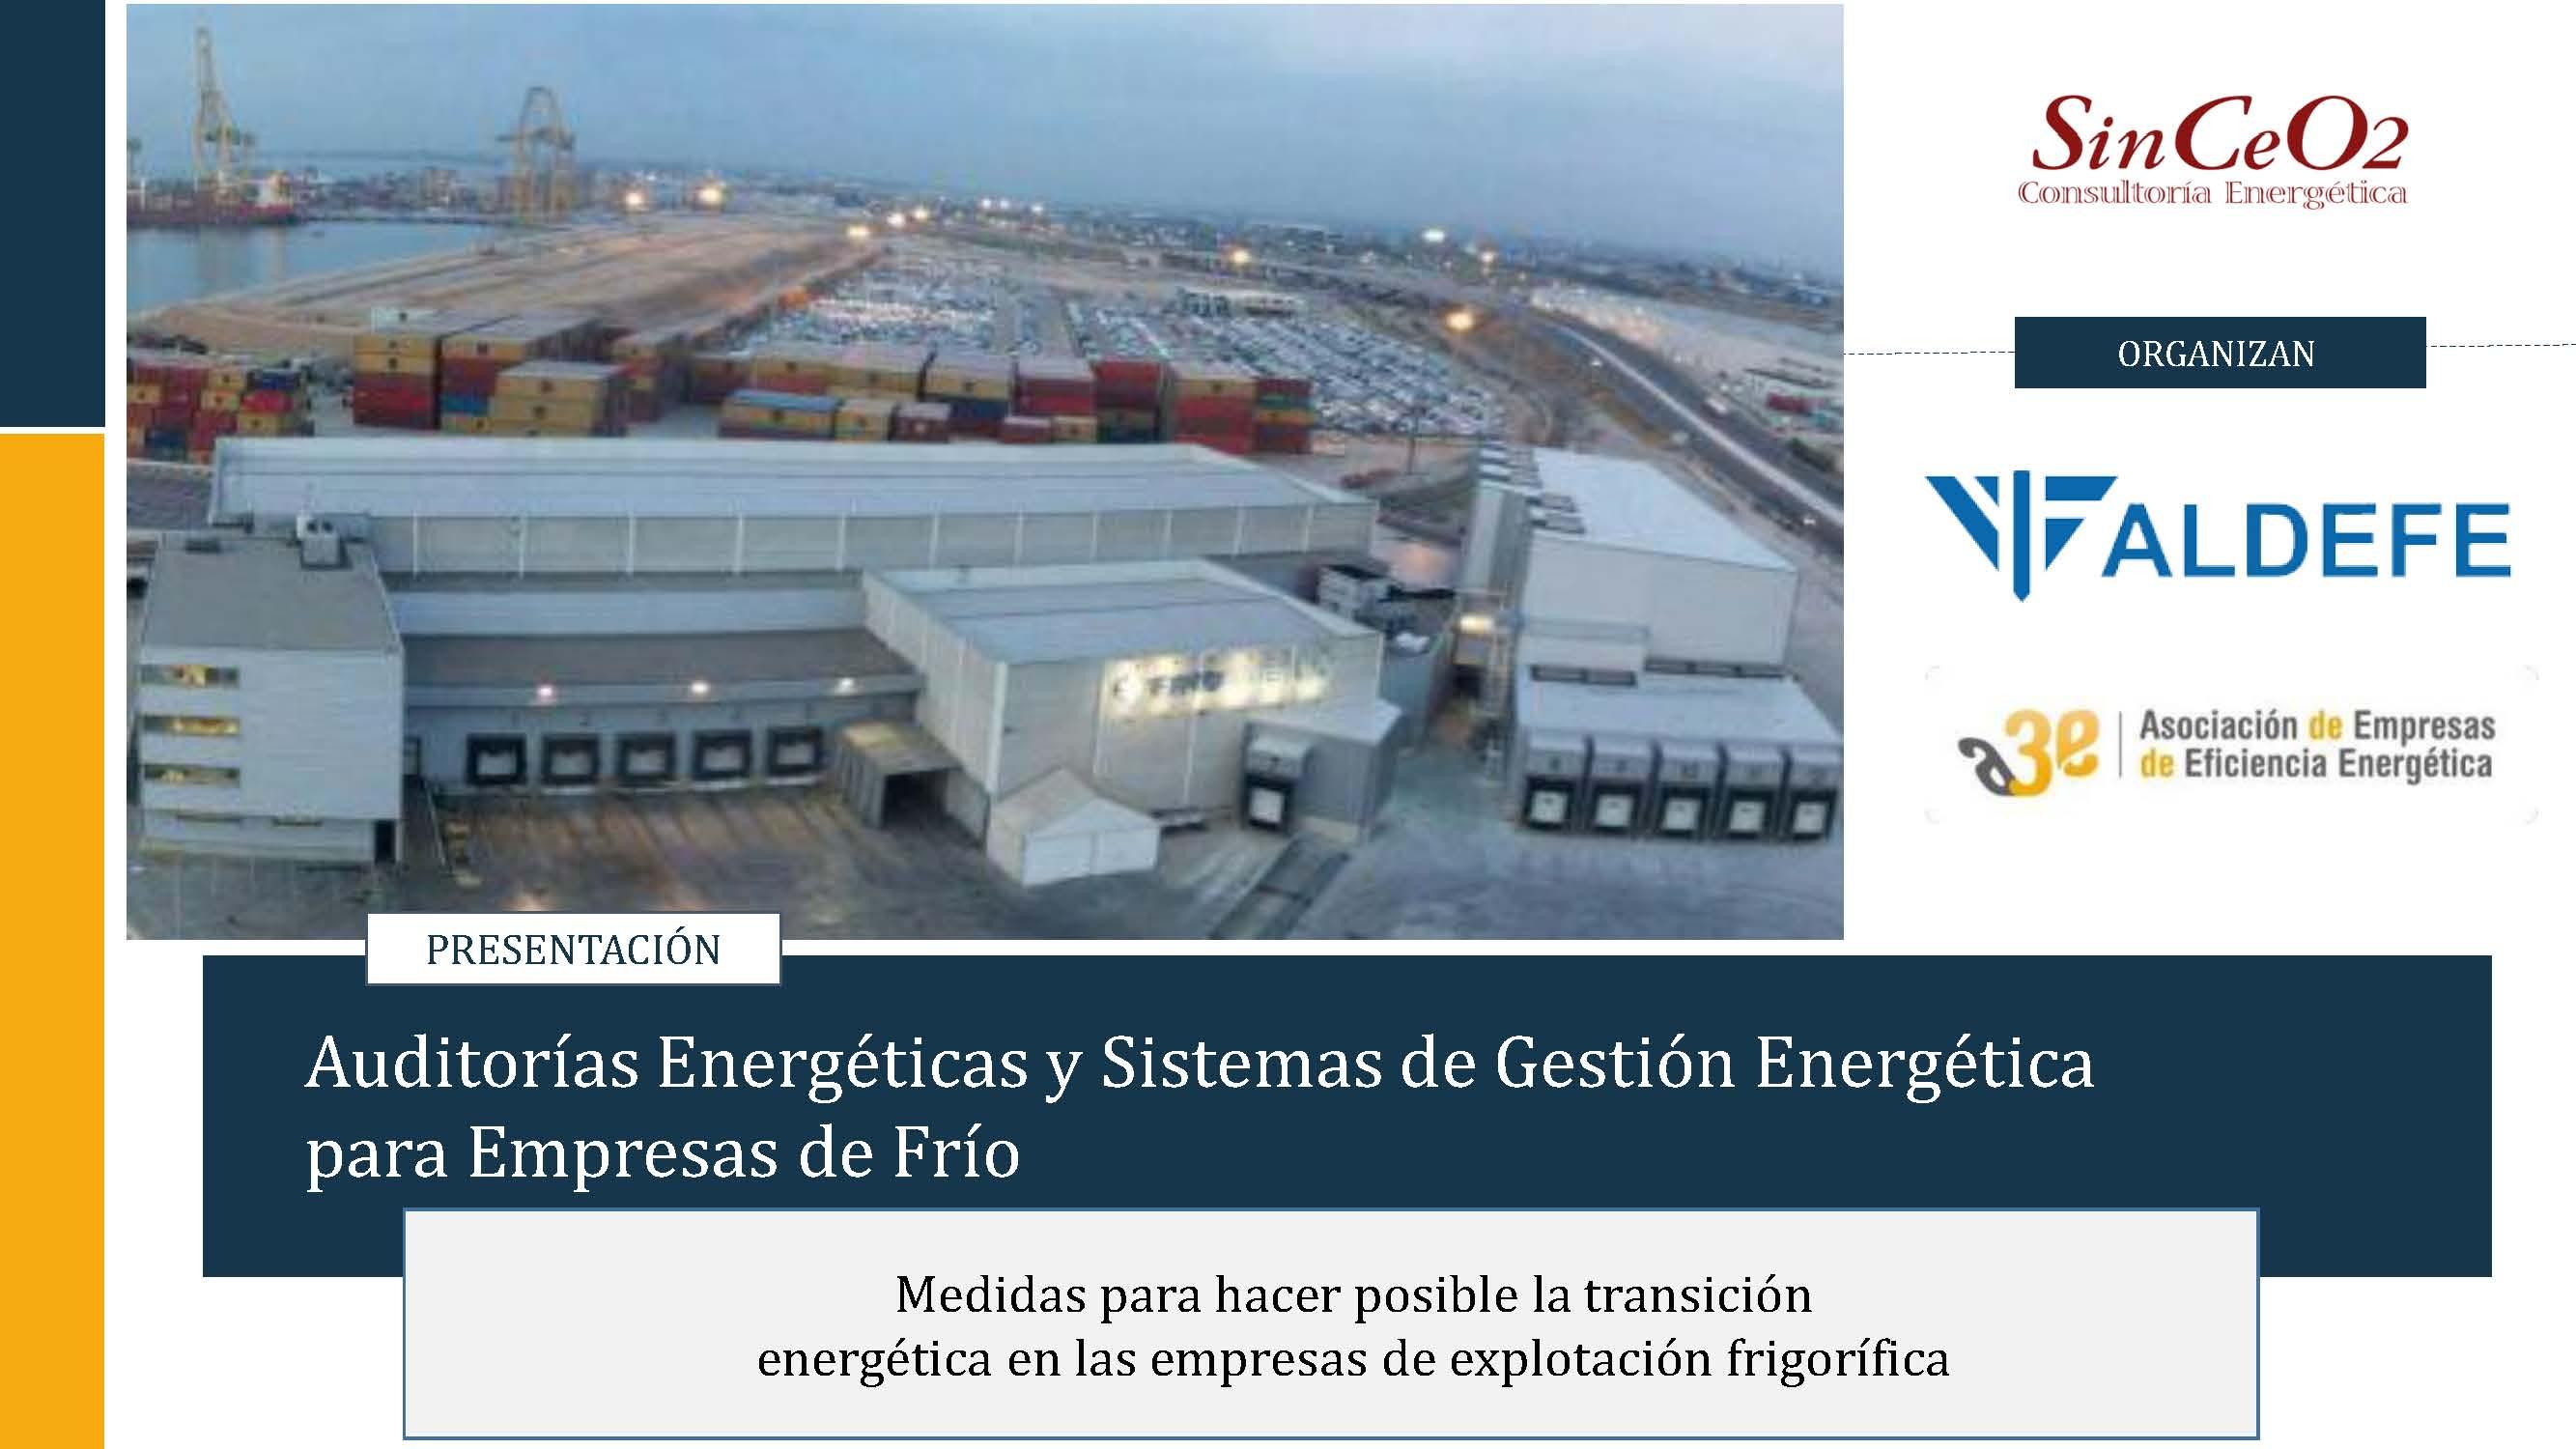 Auditorías Energéticas y Sistemas de Gestión Energética en las empresas del frío. Webinar A3E-ALDEFE